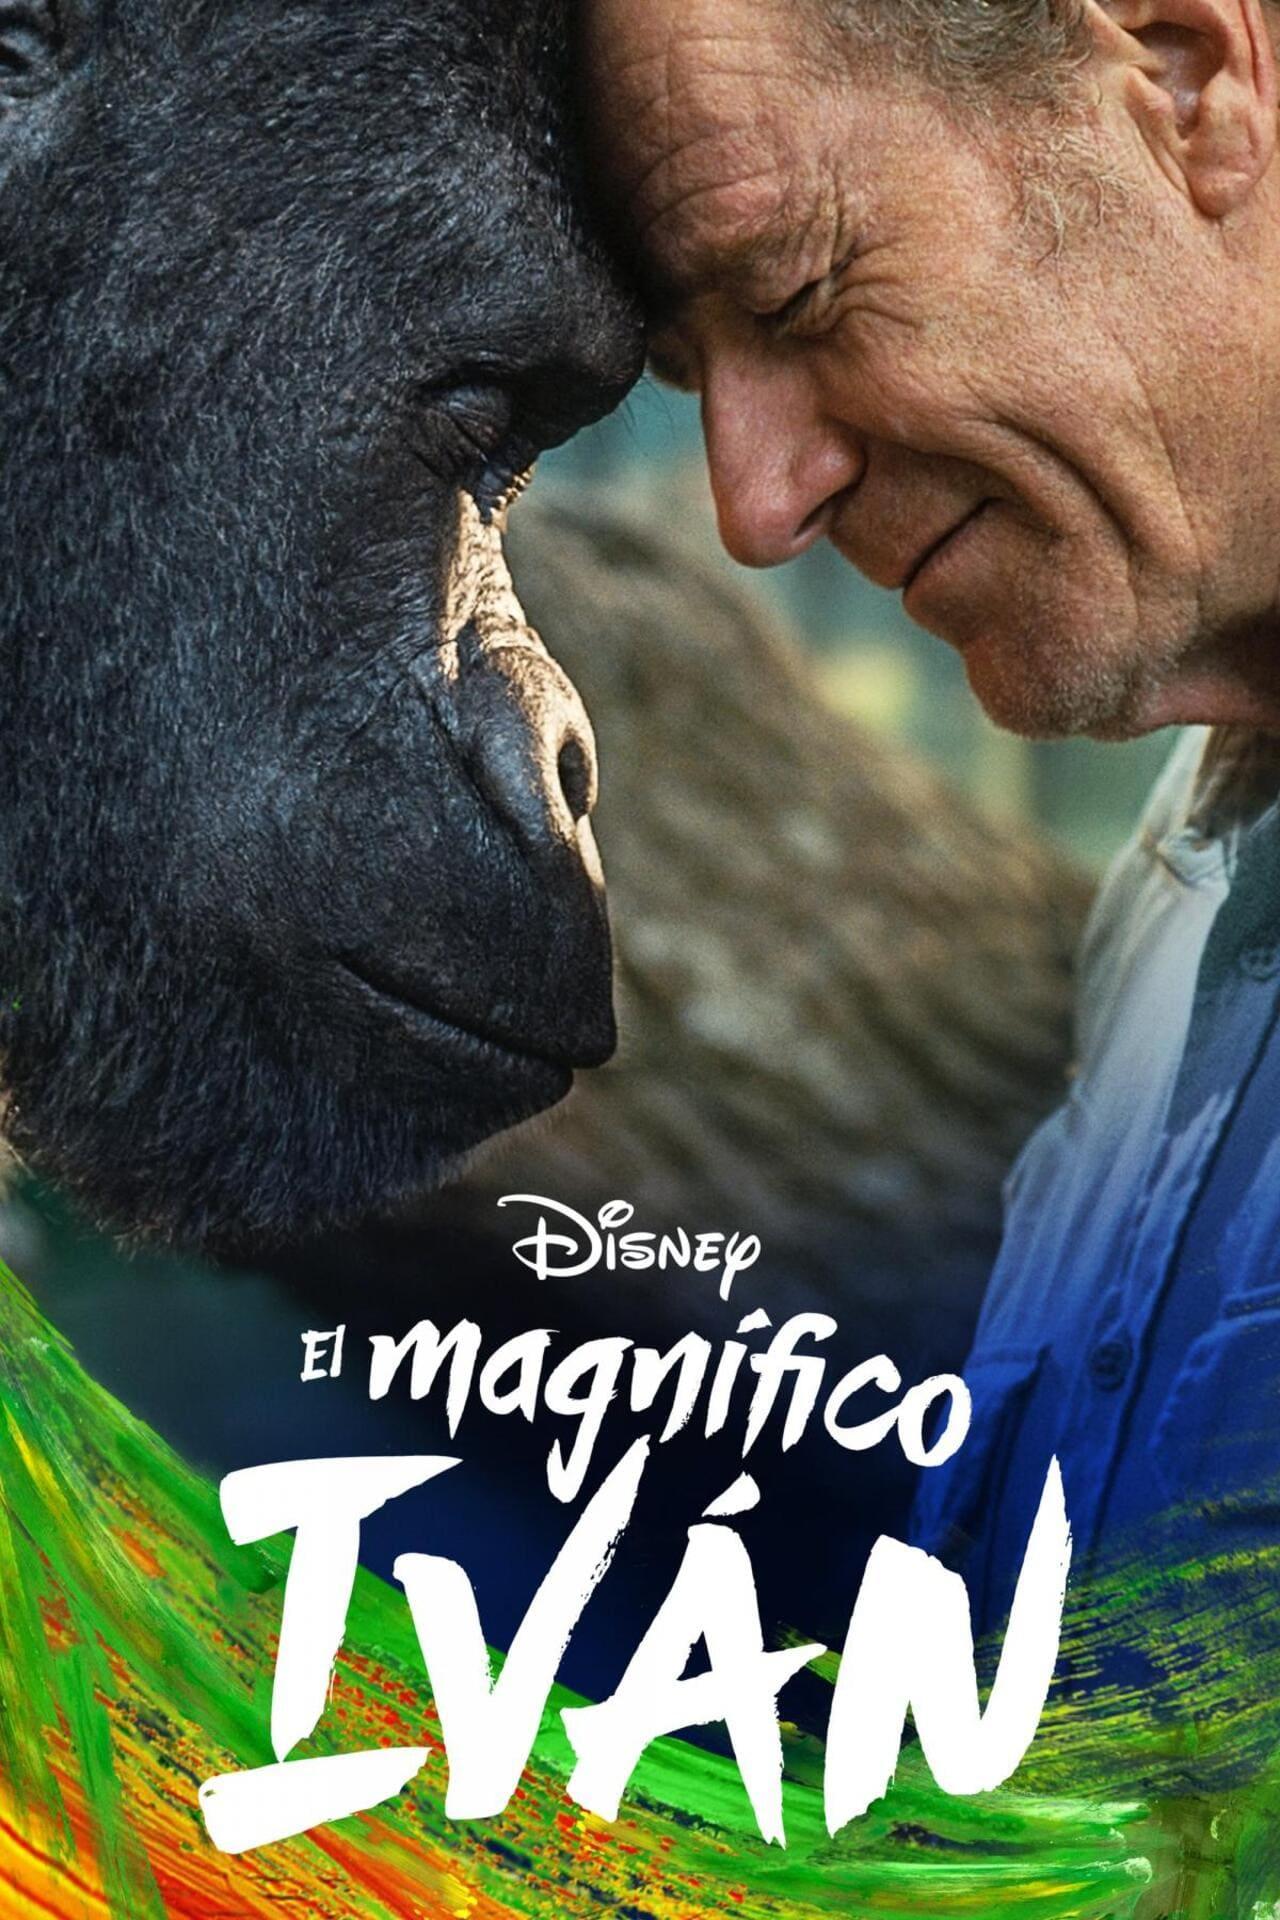 Cartel de la película El magnífico Iván de Disney +